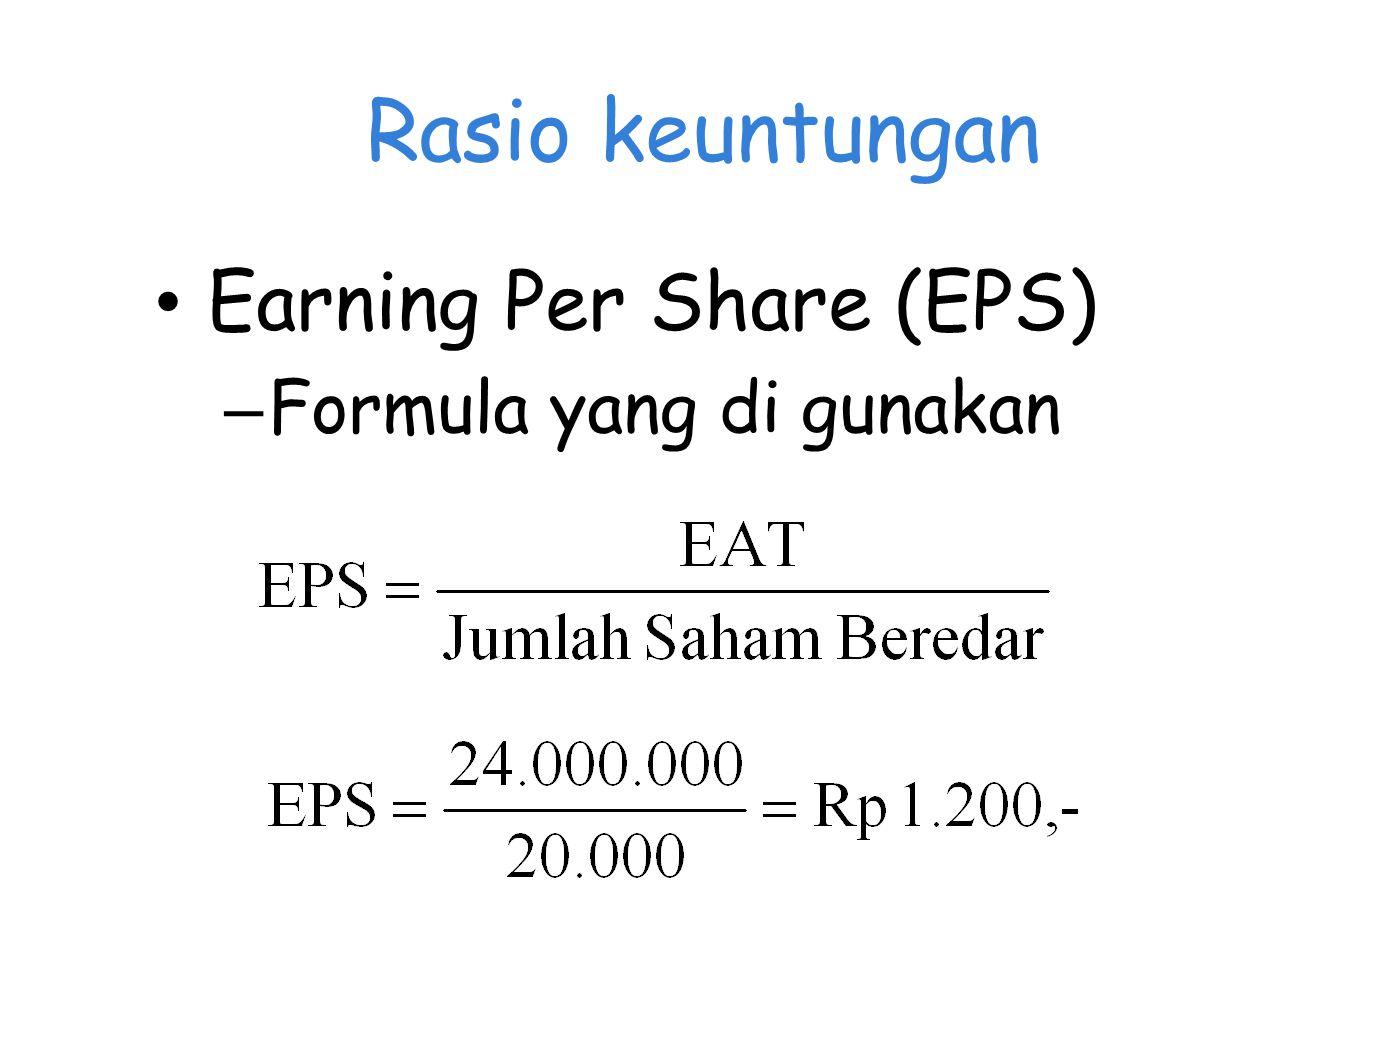 Rasio keuntungan Earning Per Share (EPS) Formula yang di gunakan